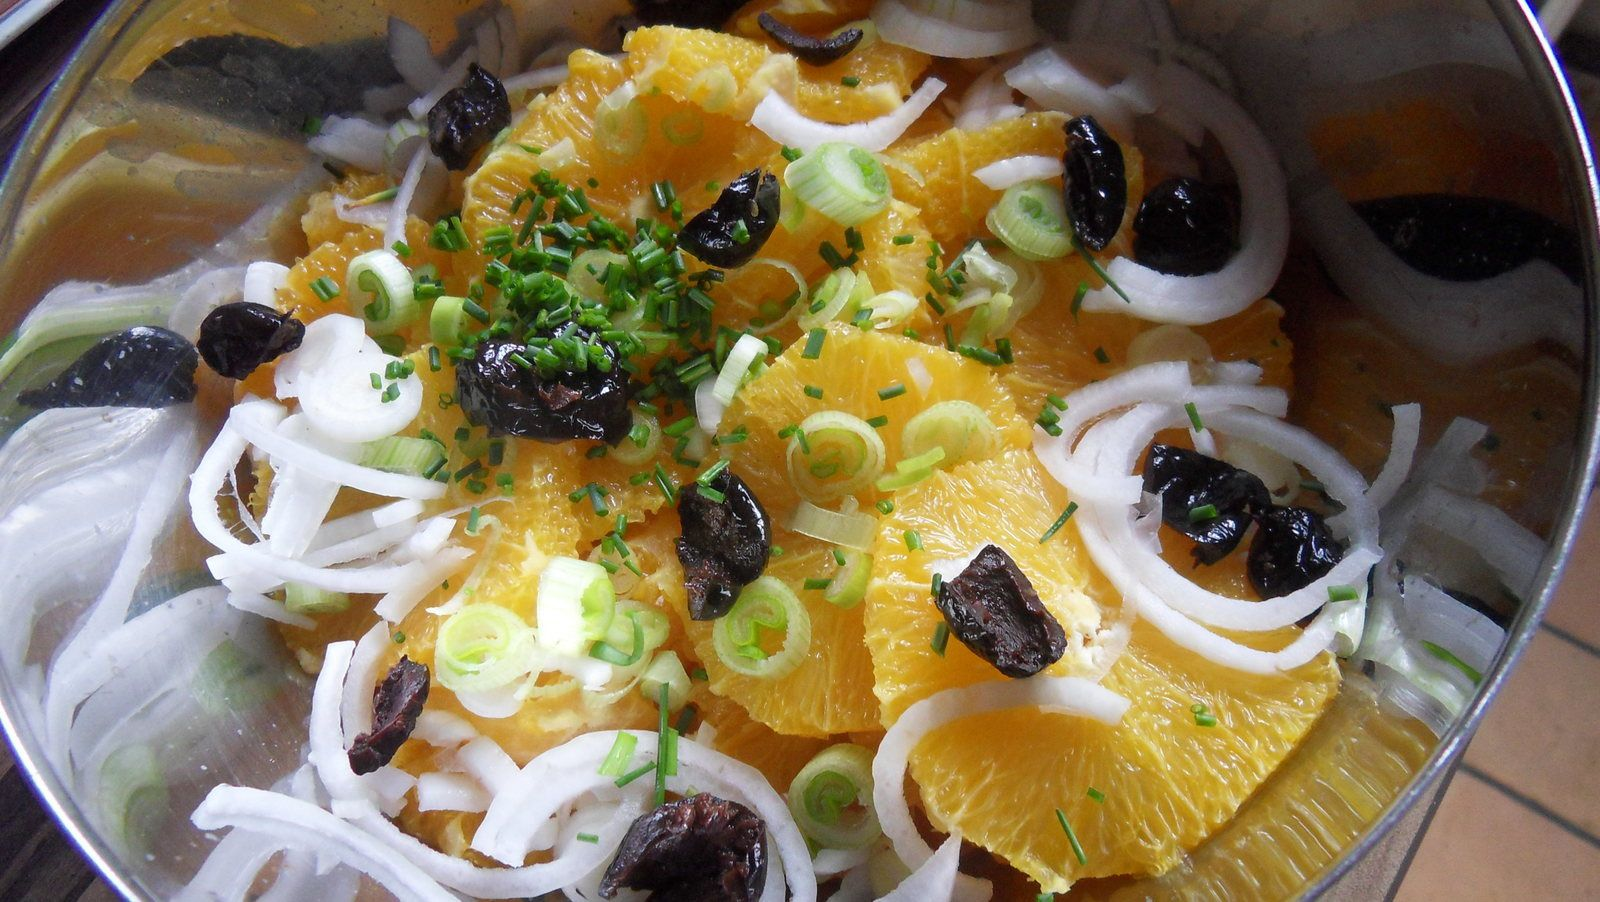 salade d'oranges aux cébettes et olives noires